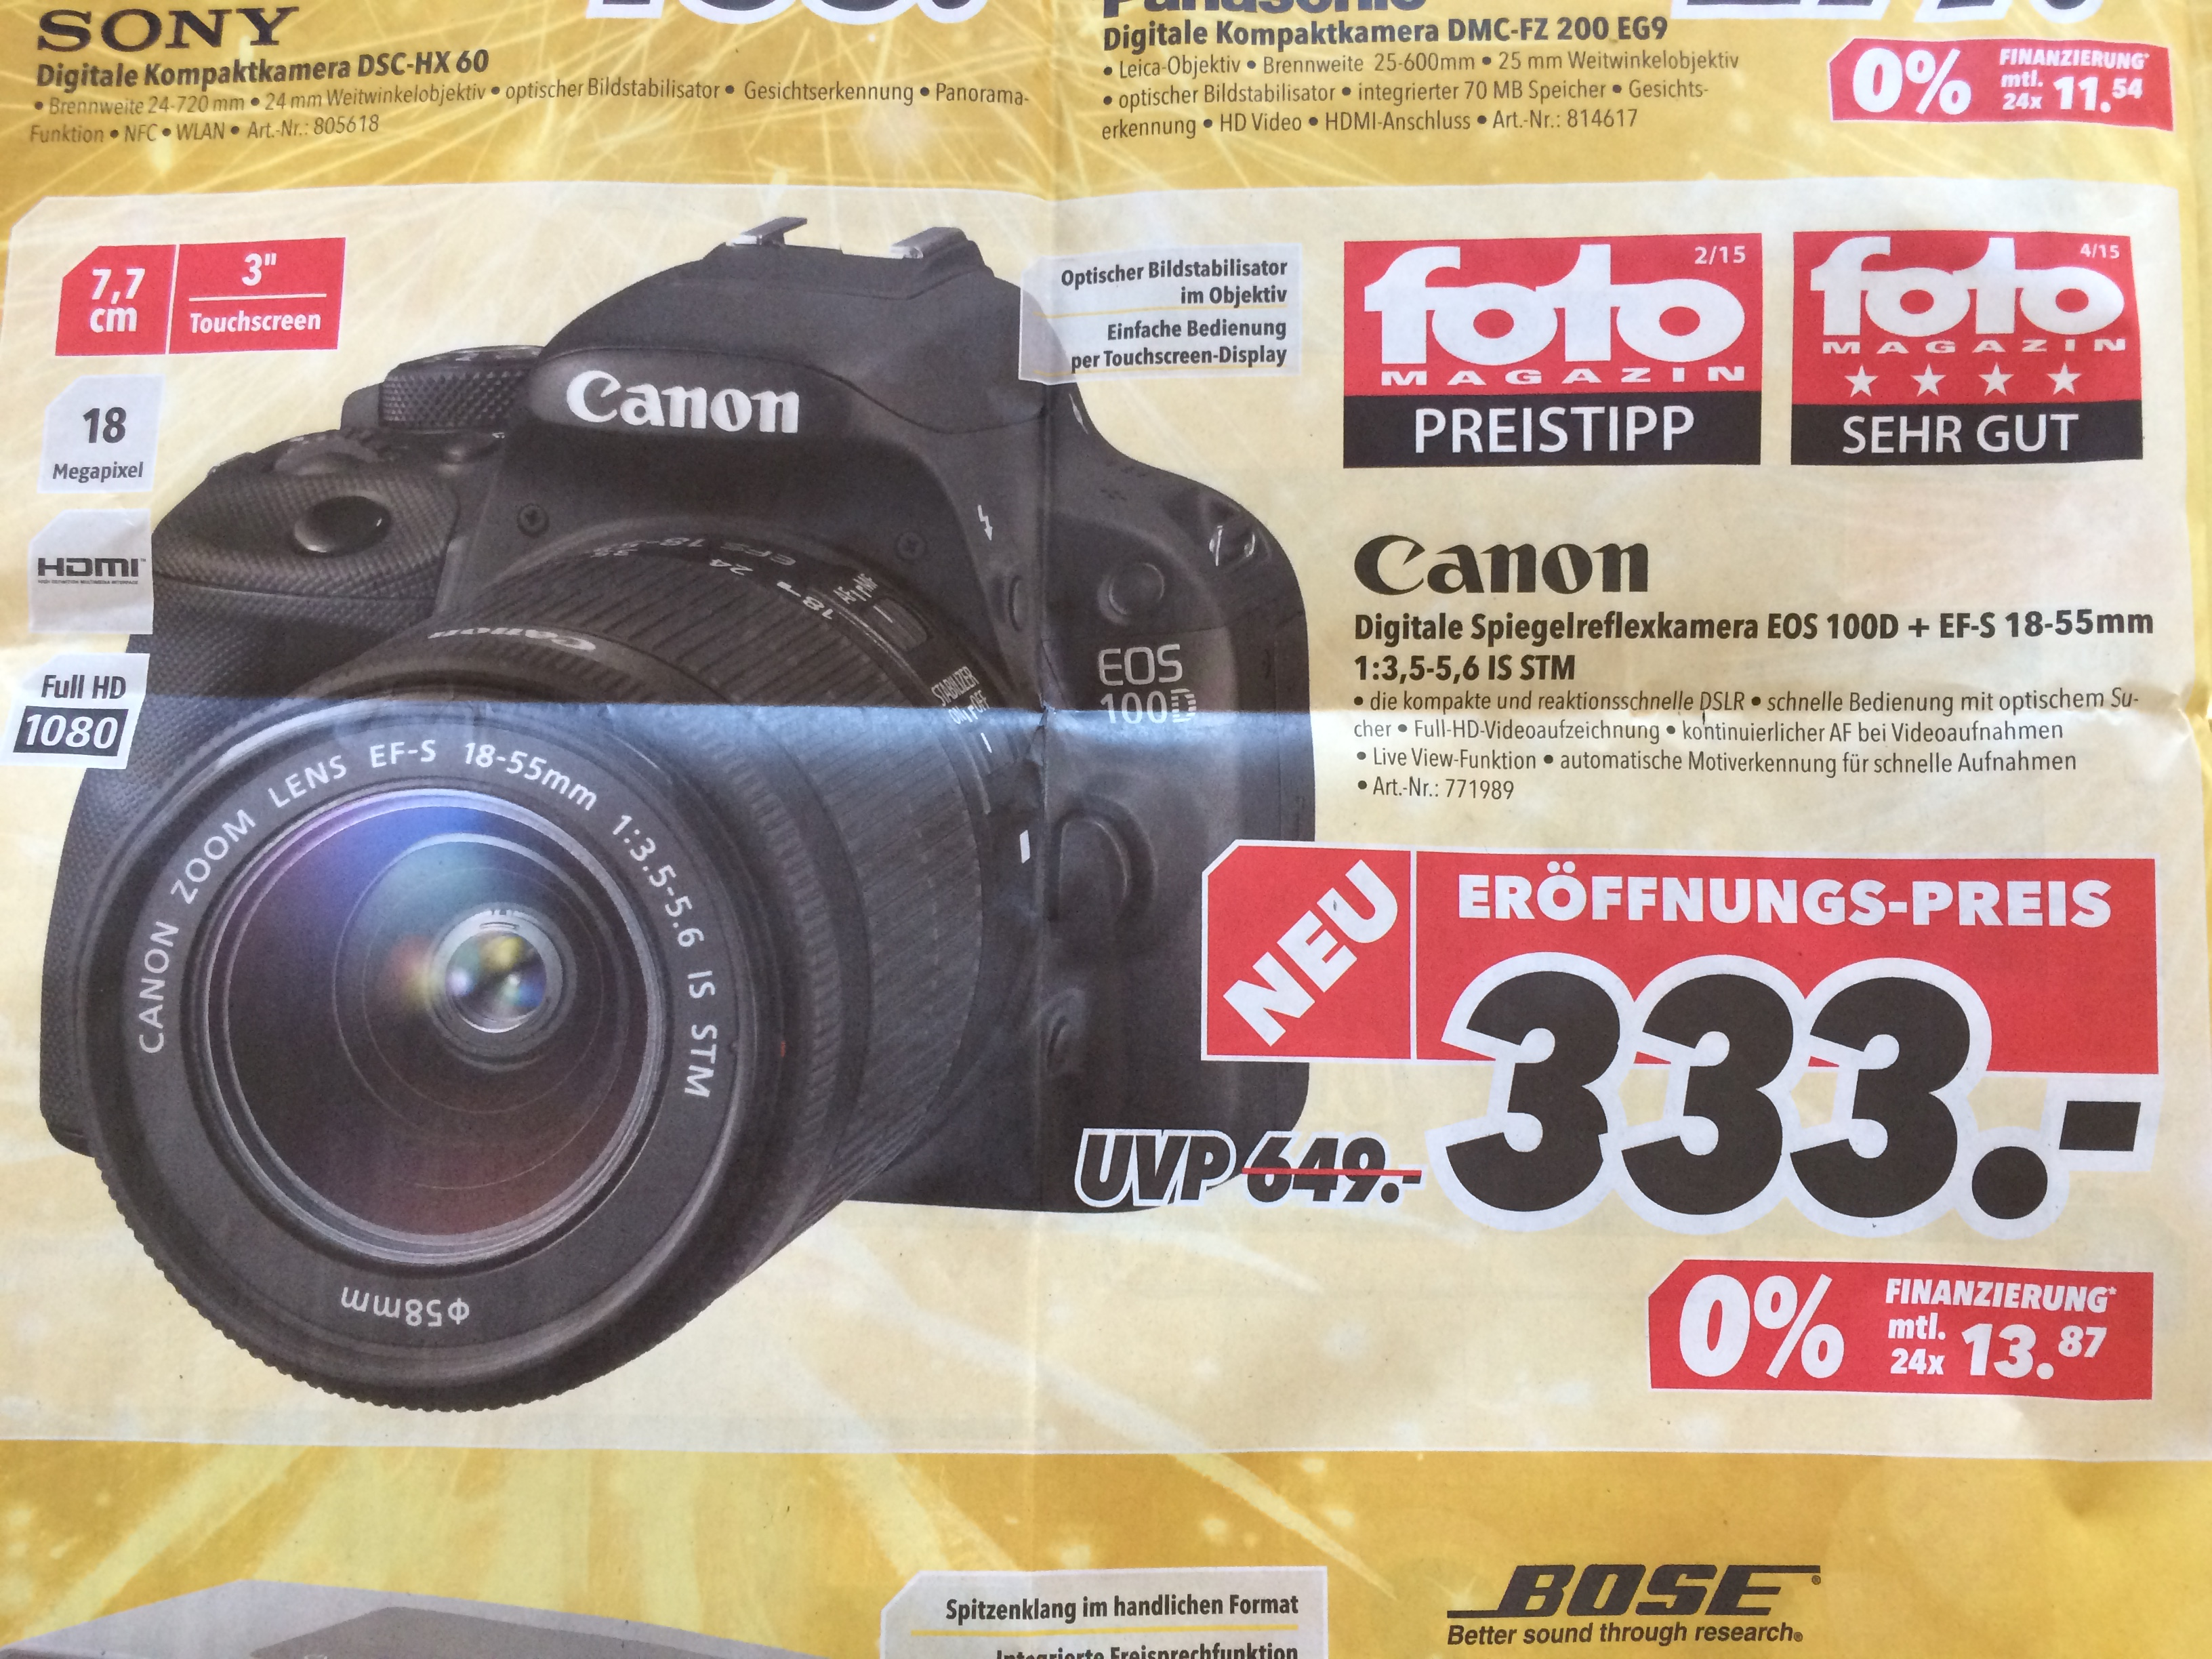 c38tc583.jpg